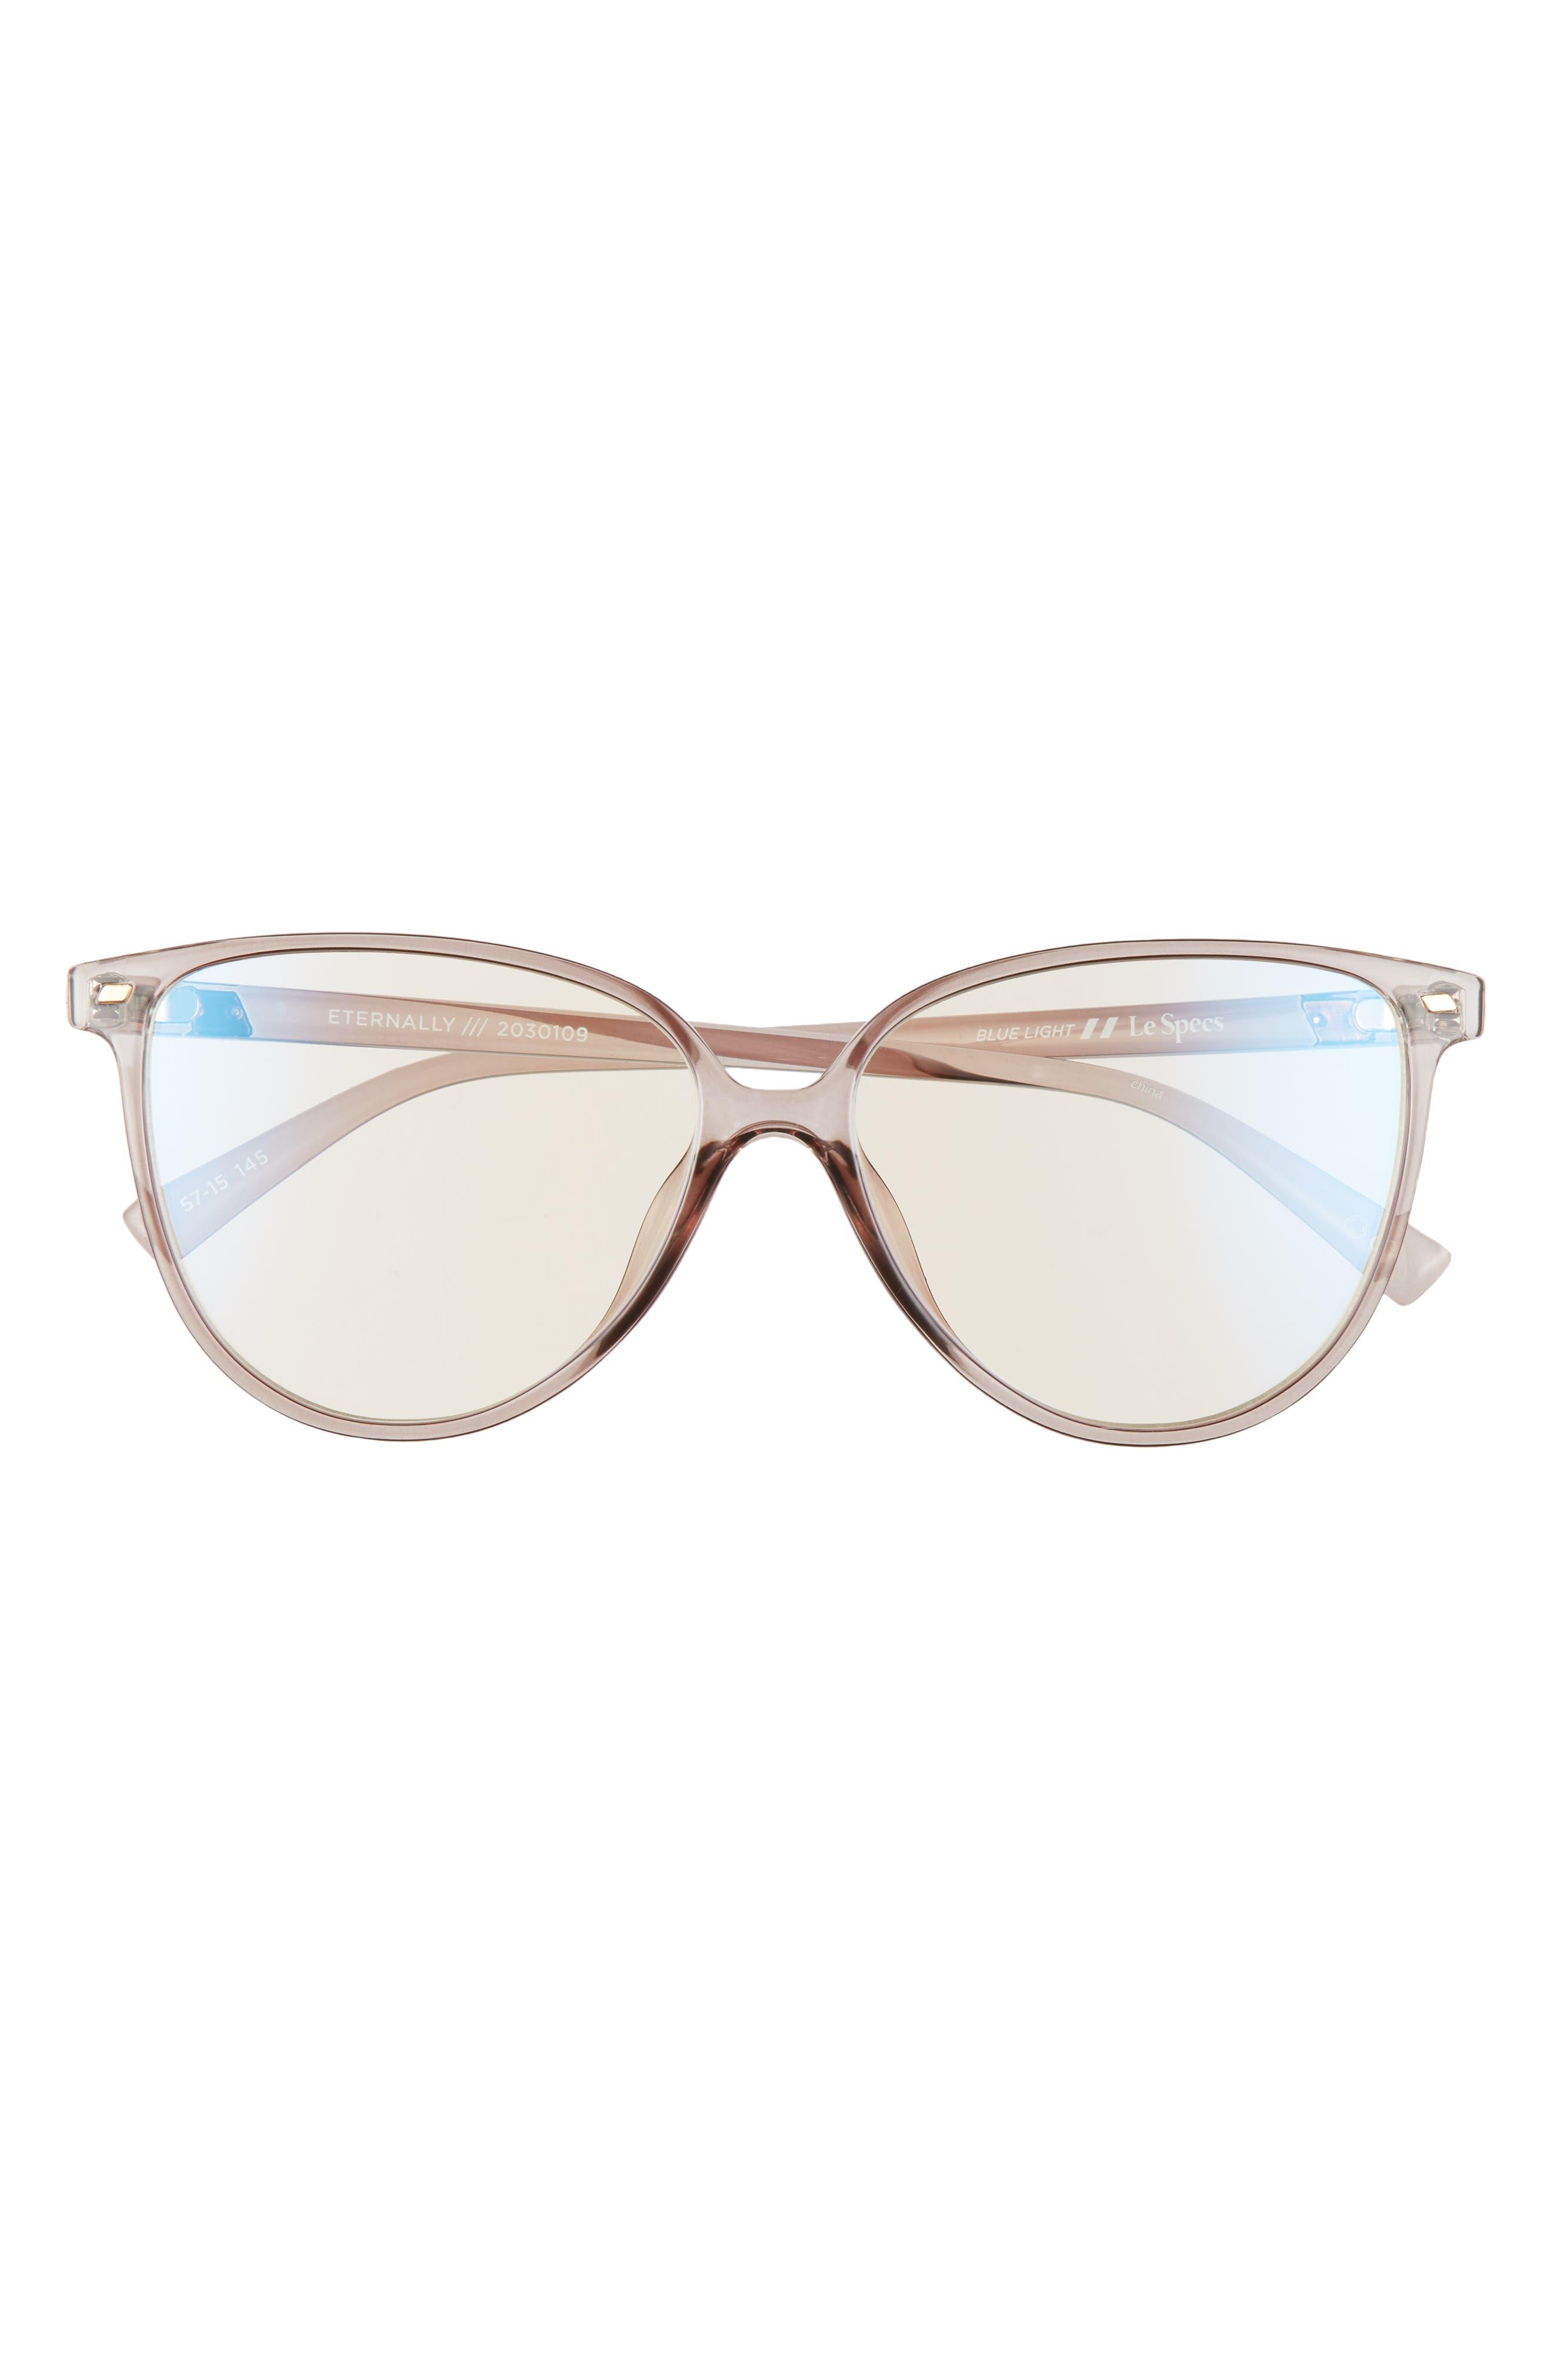 Eternally 57mm Blue Light Blocking Glasses